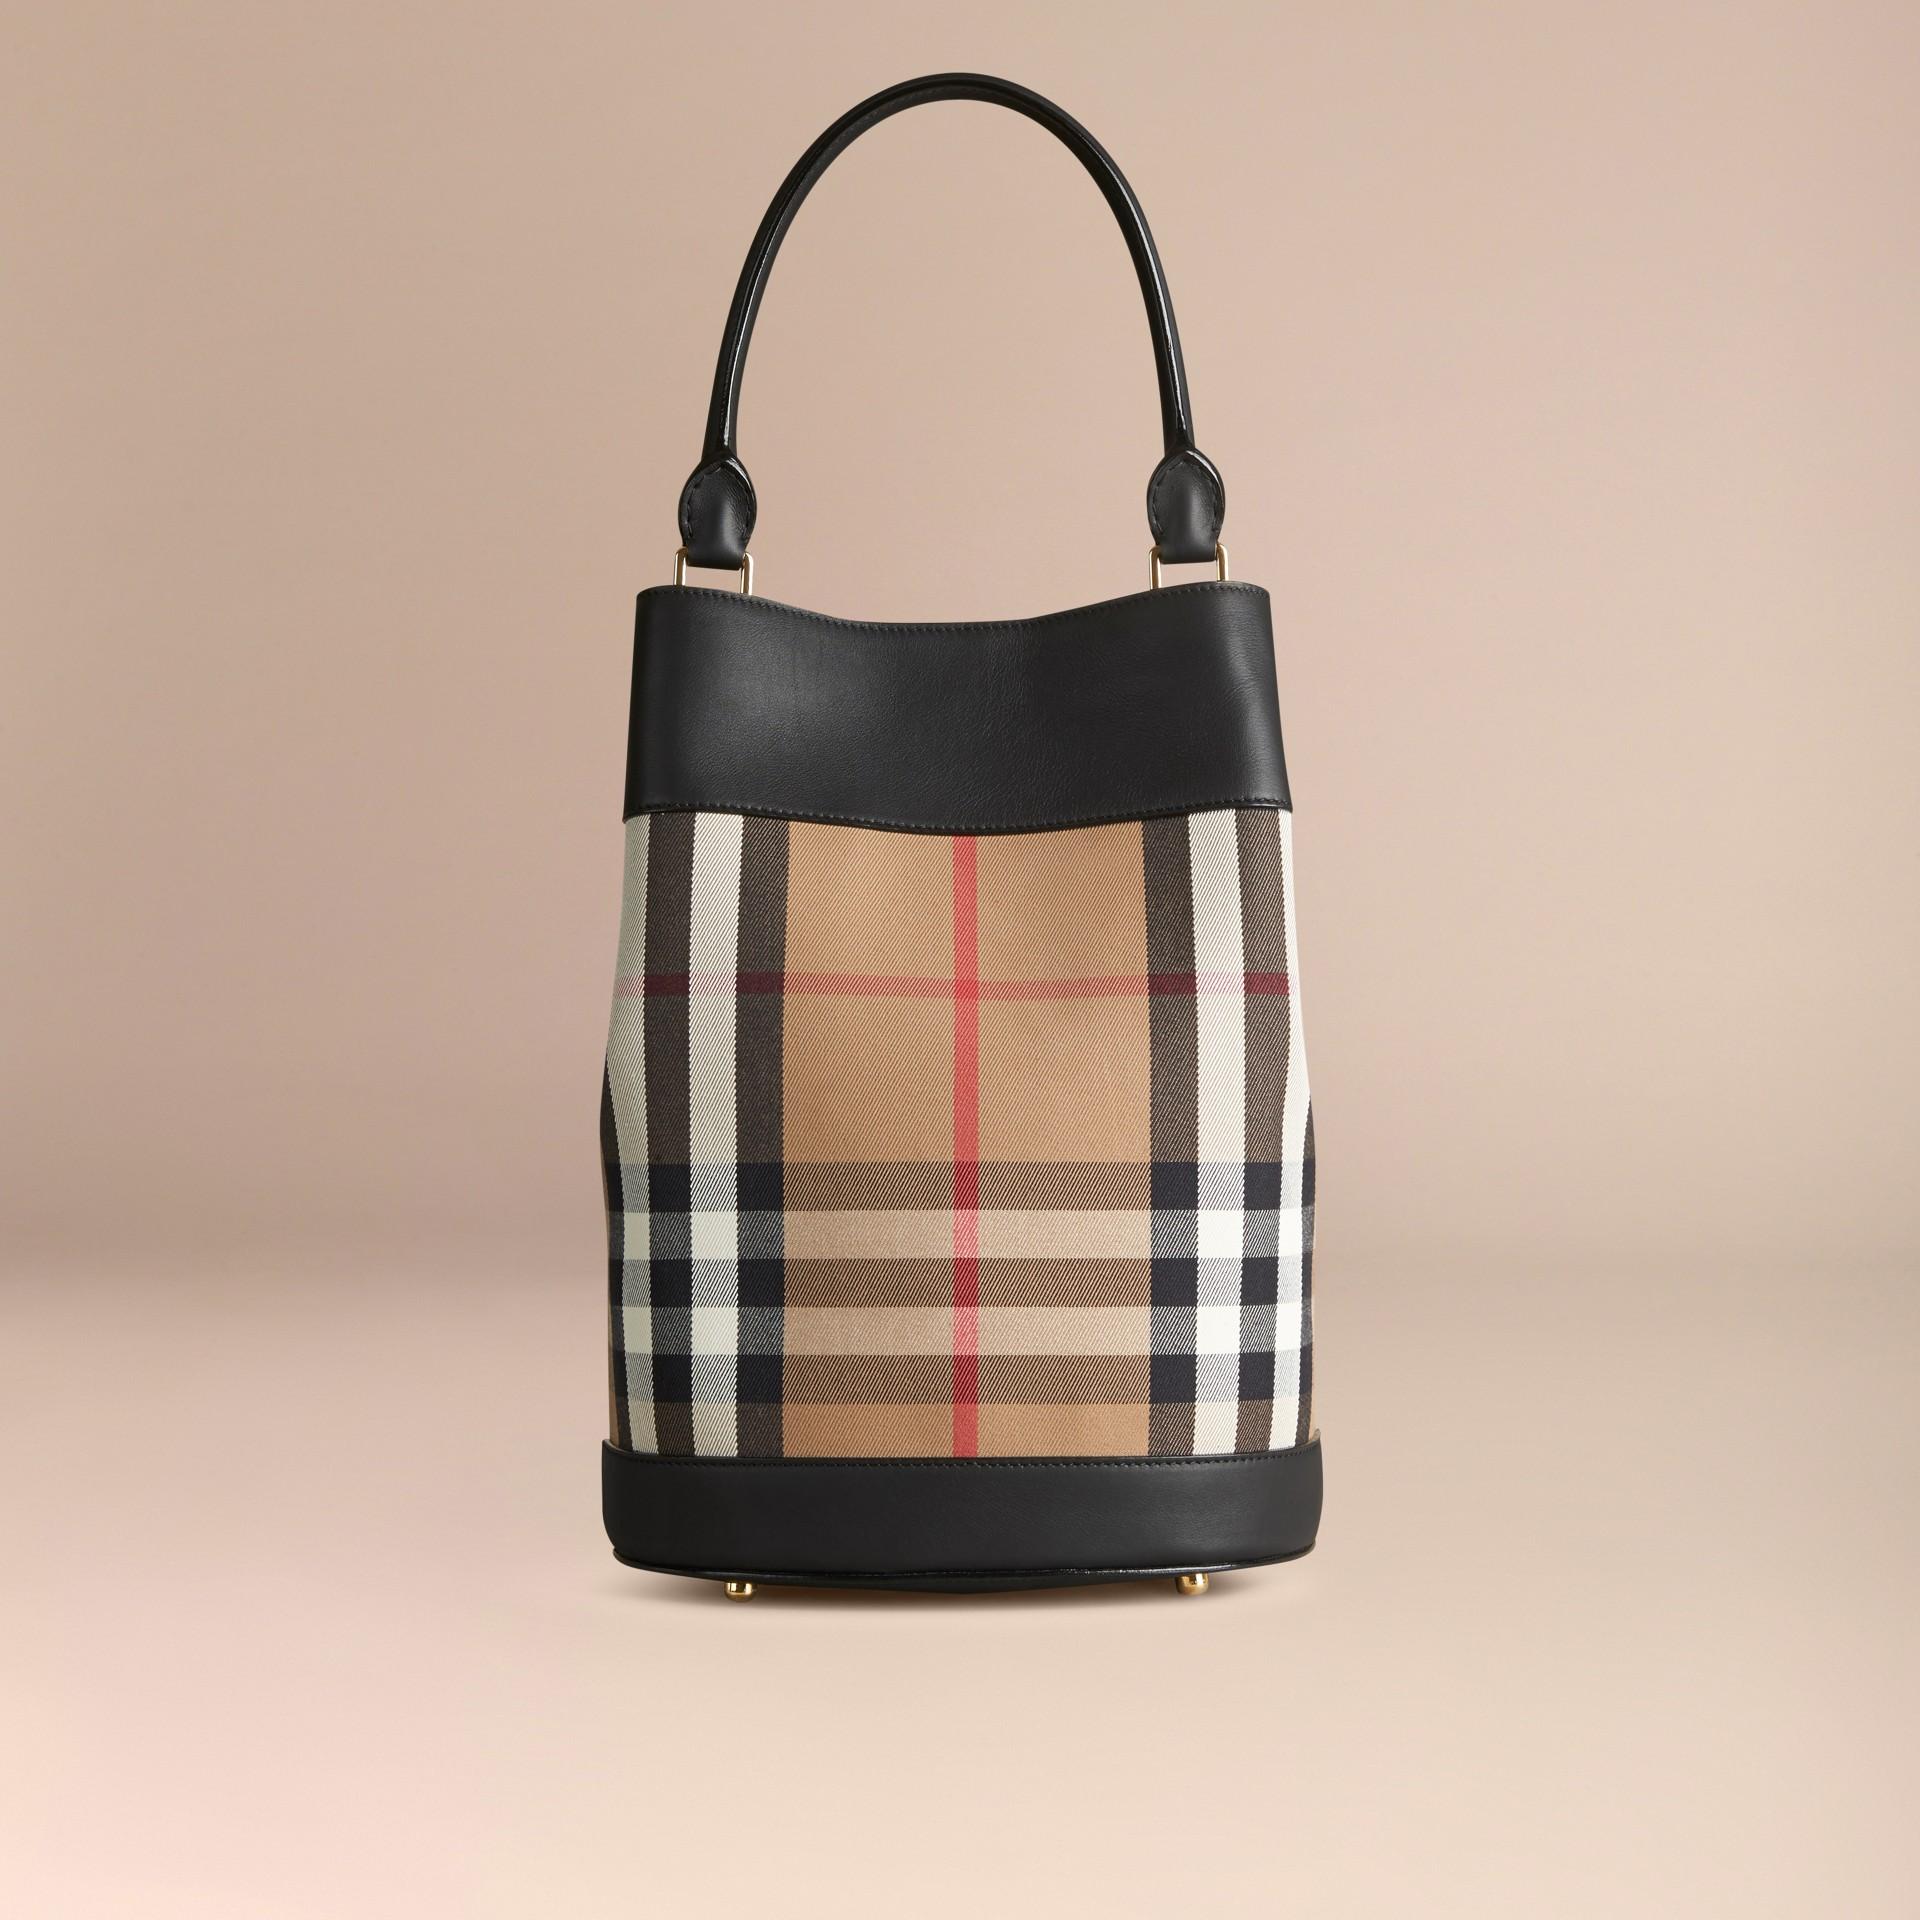 die tasche burberry bucket in house check mit lederbesatz schwarz burberry. Black Bedroom Furniture Sets. Home Design Ideas